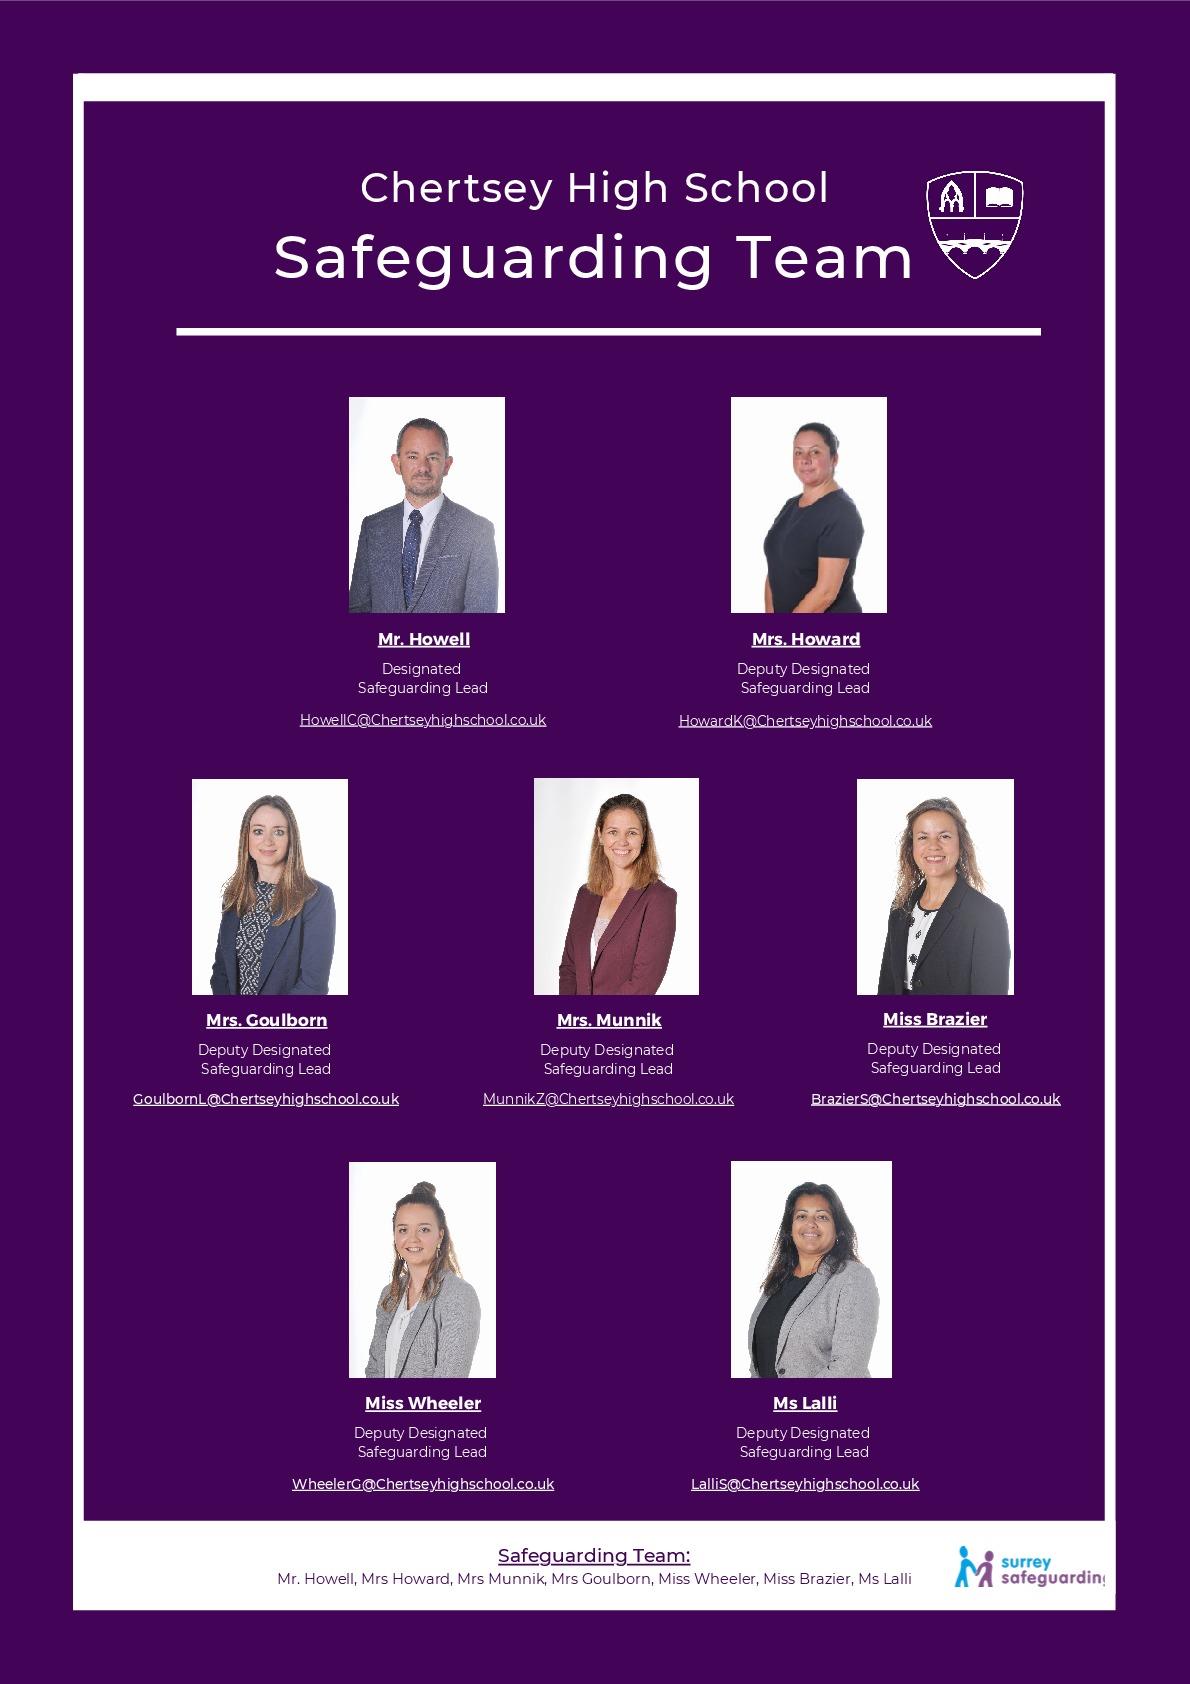 Deputy Designated Safeguarding Lead